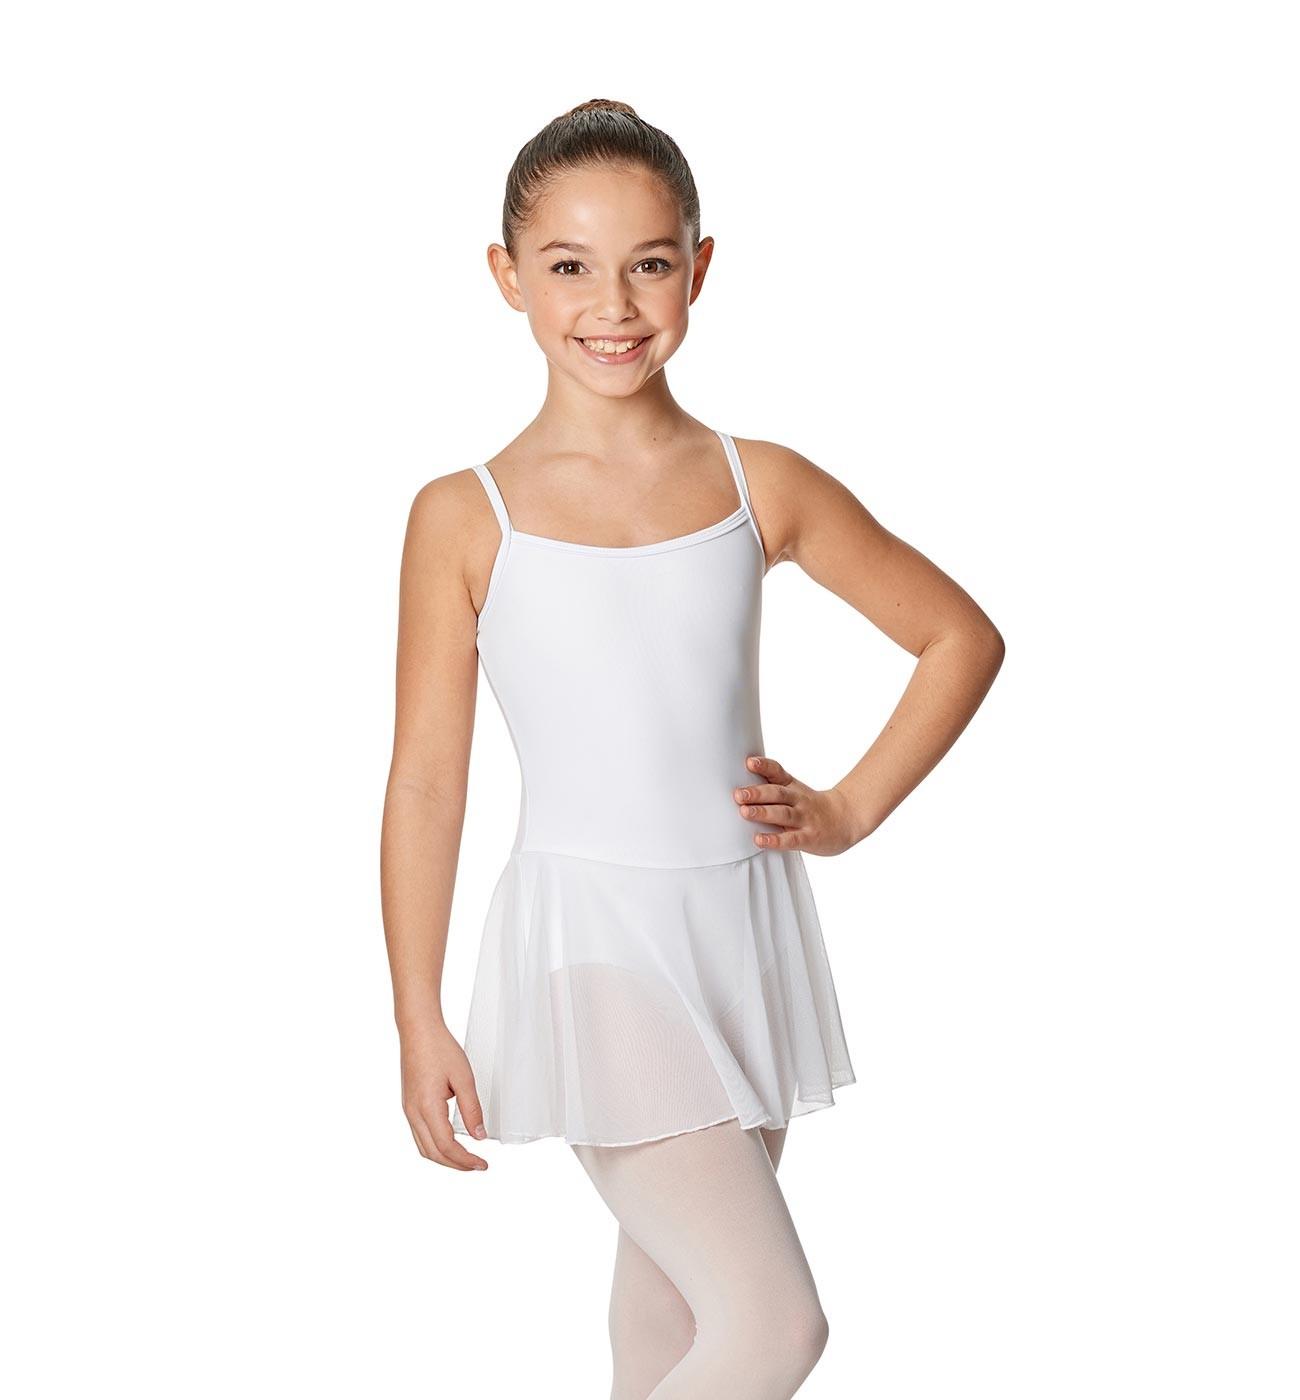 לבן שמלה לילדות Lillian של Lulli כתפיות דקות וחצאית LUB254C